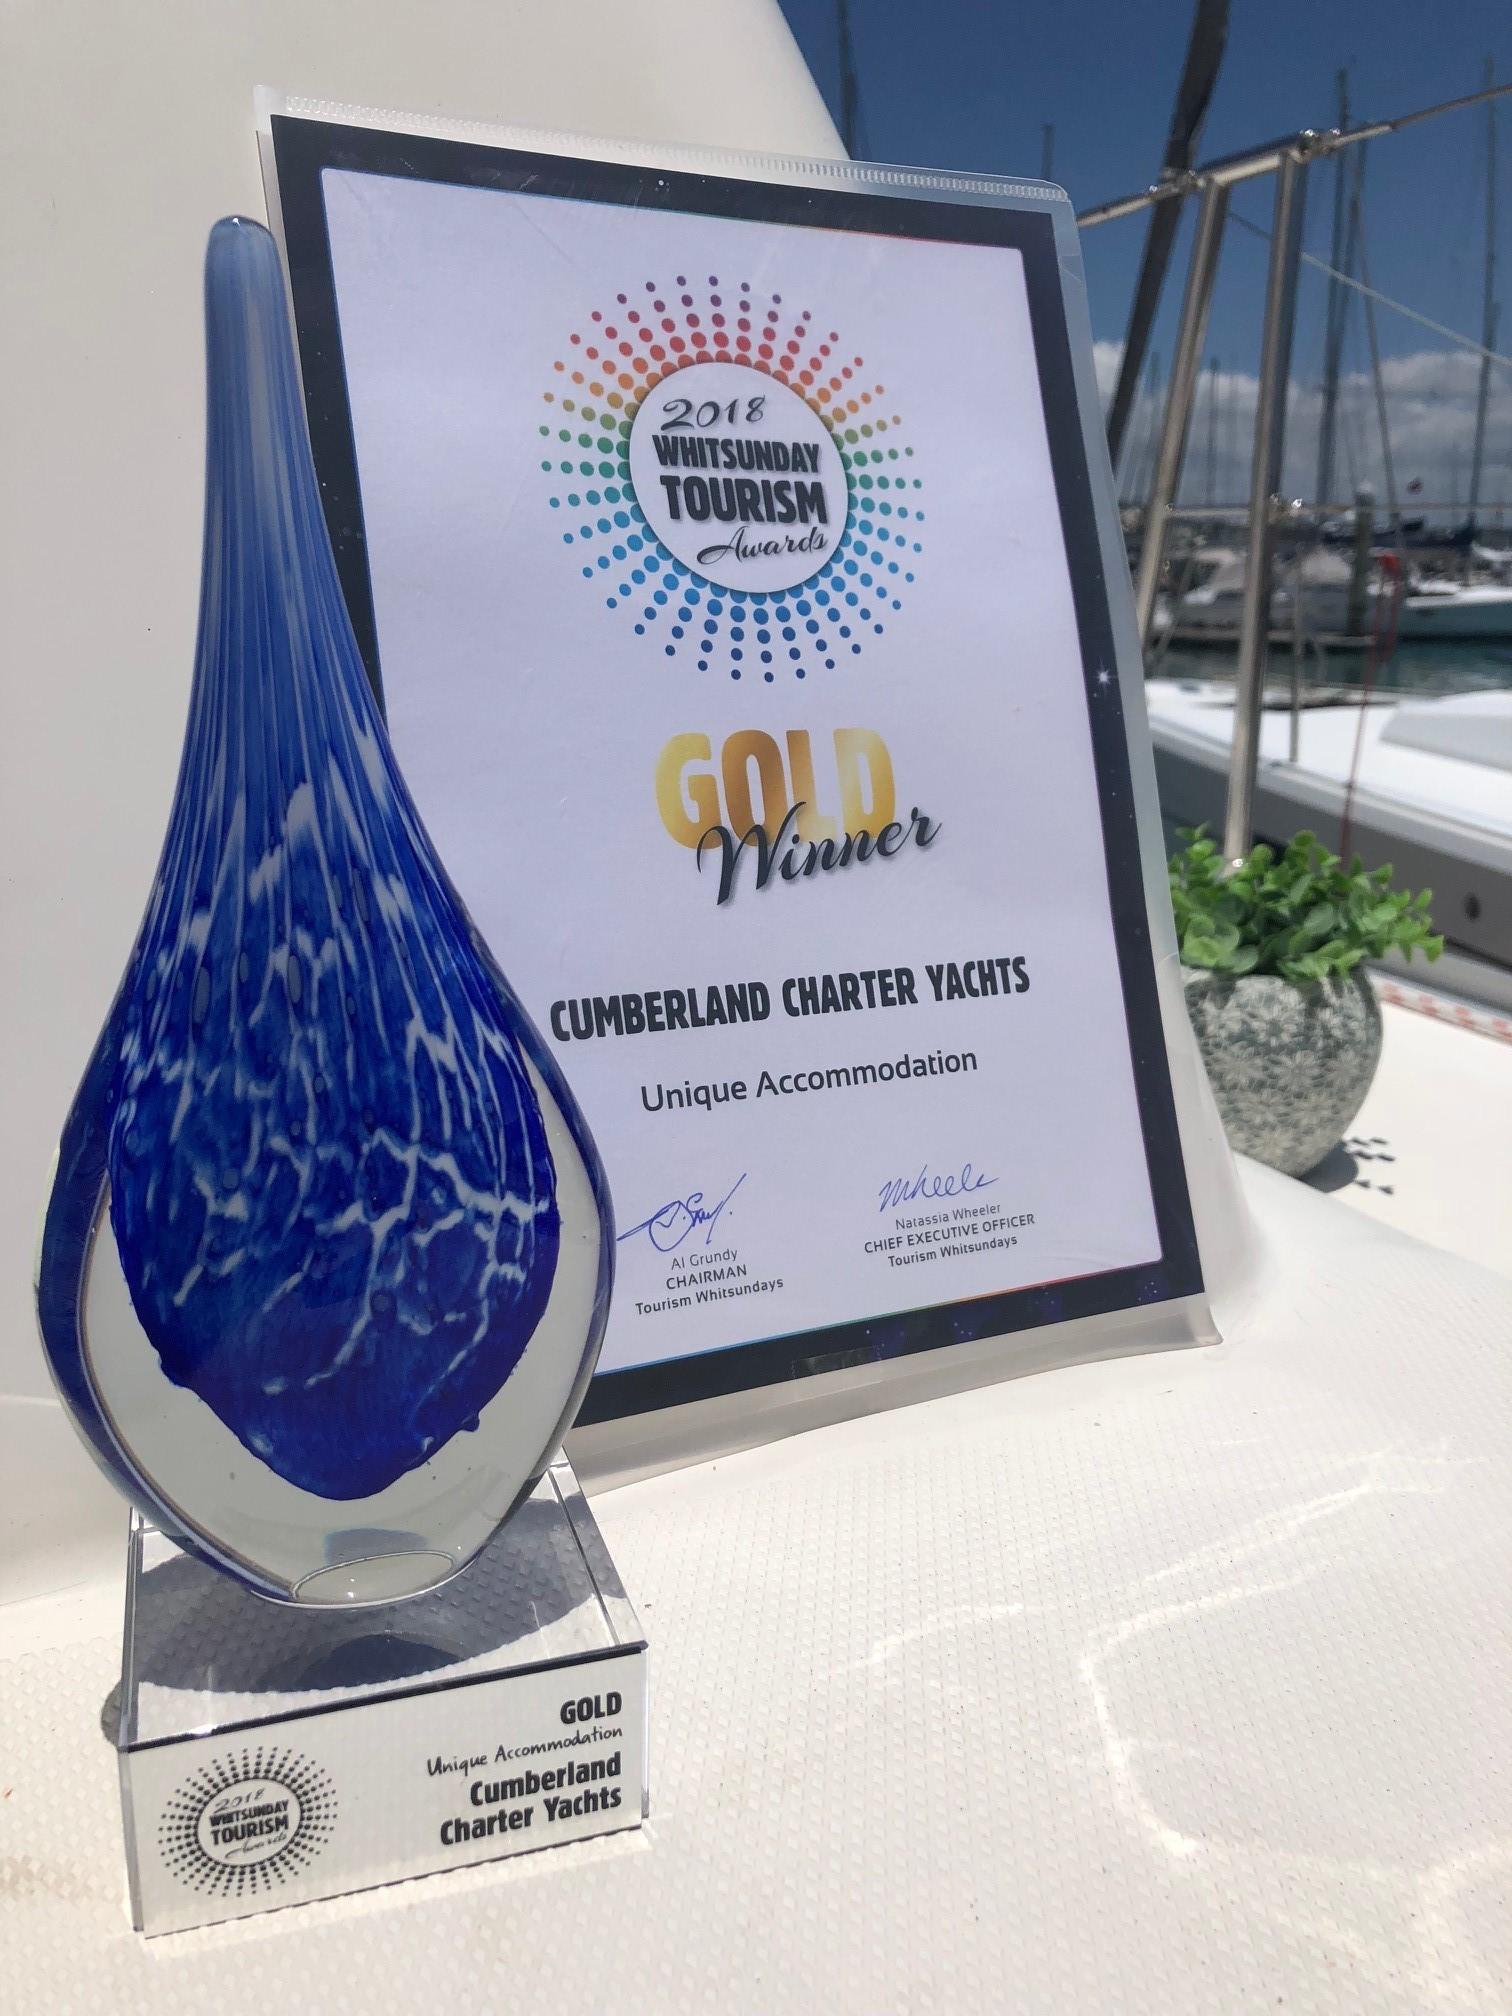 Whitsunday Tourism Awards.